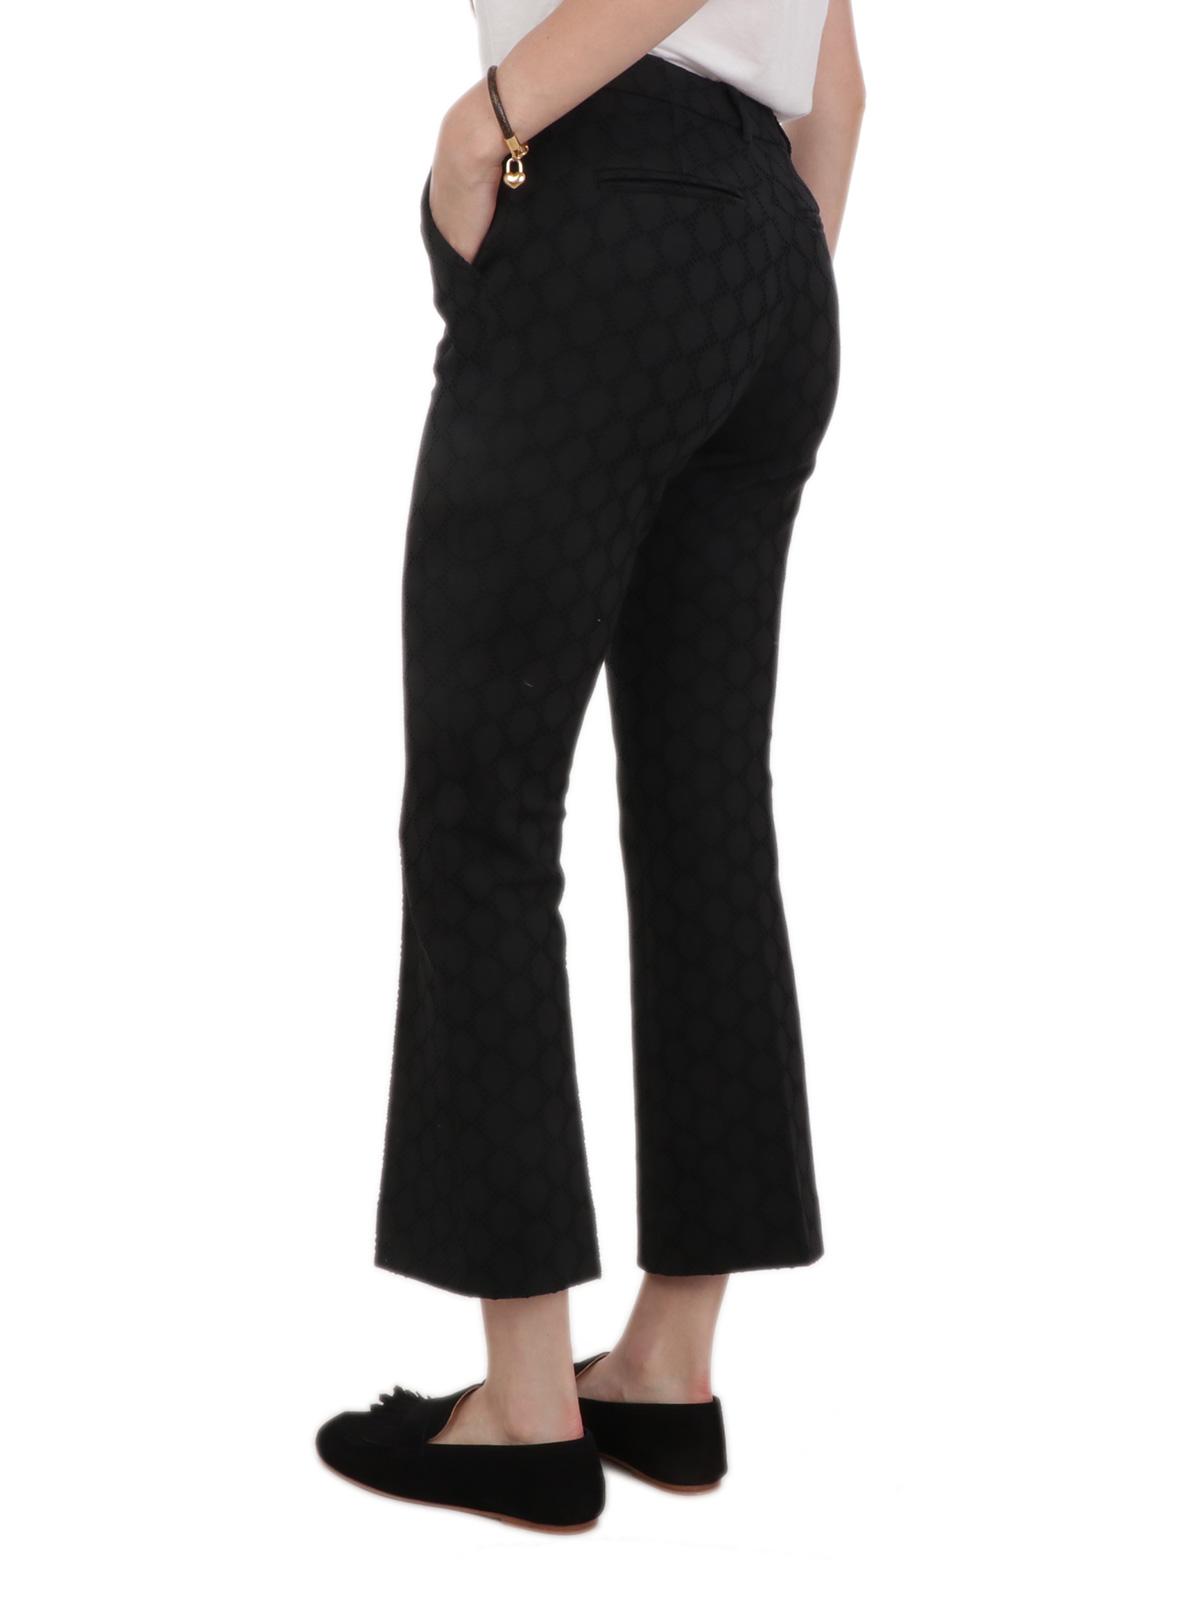 Immagine di VIA MASINI 80 | Pantalone Donna a Quadri Ricamato